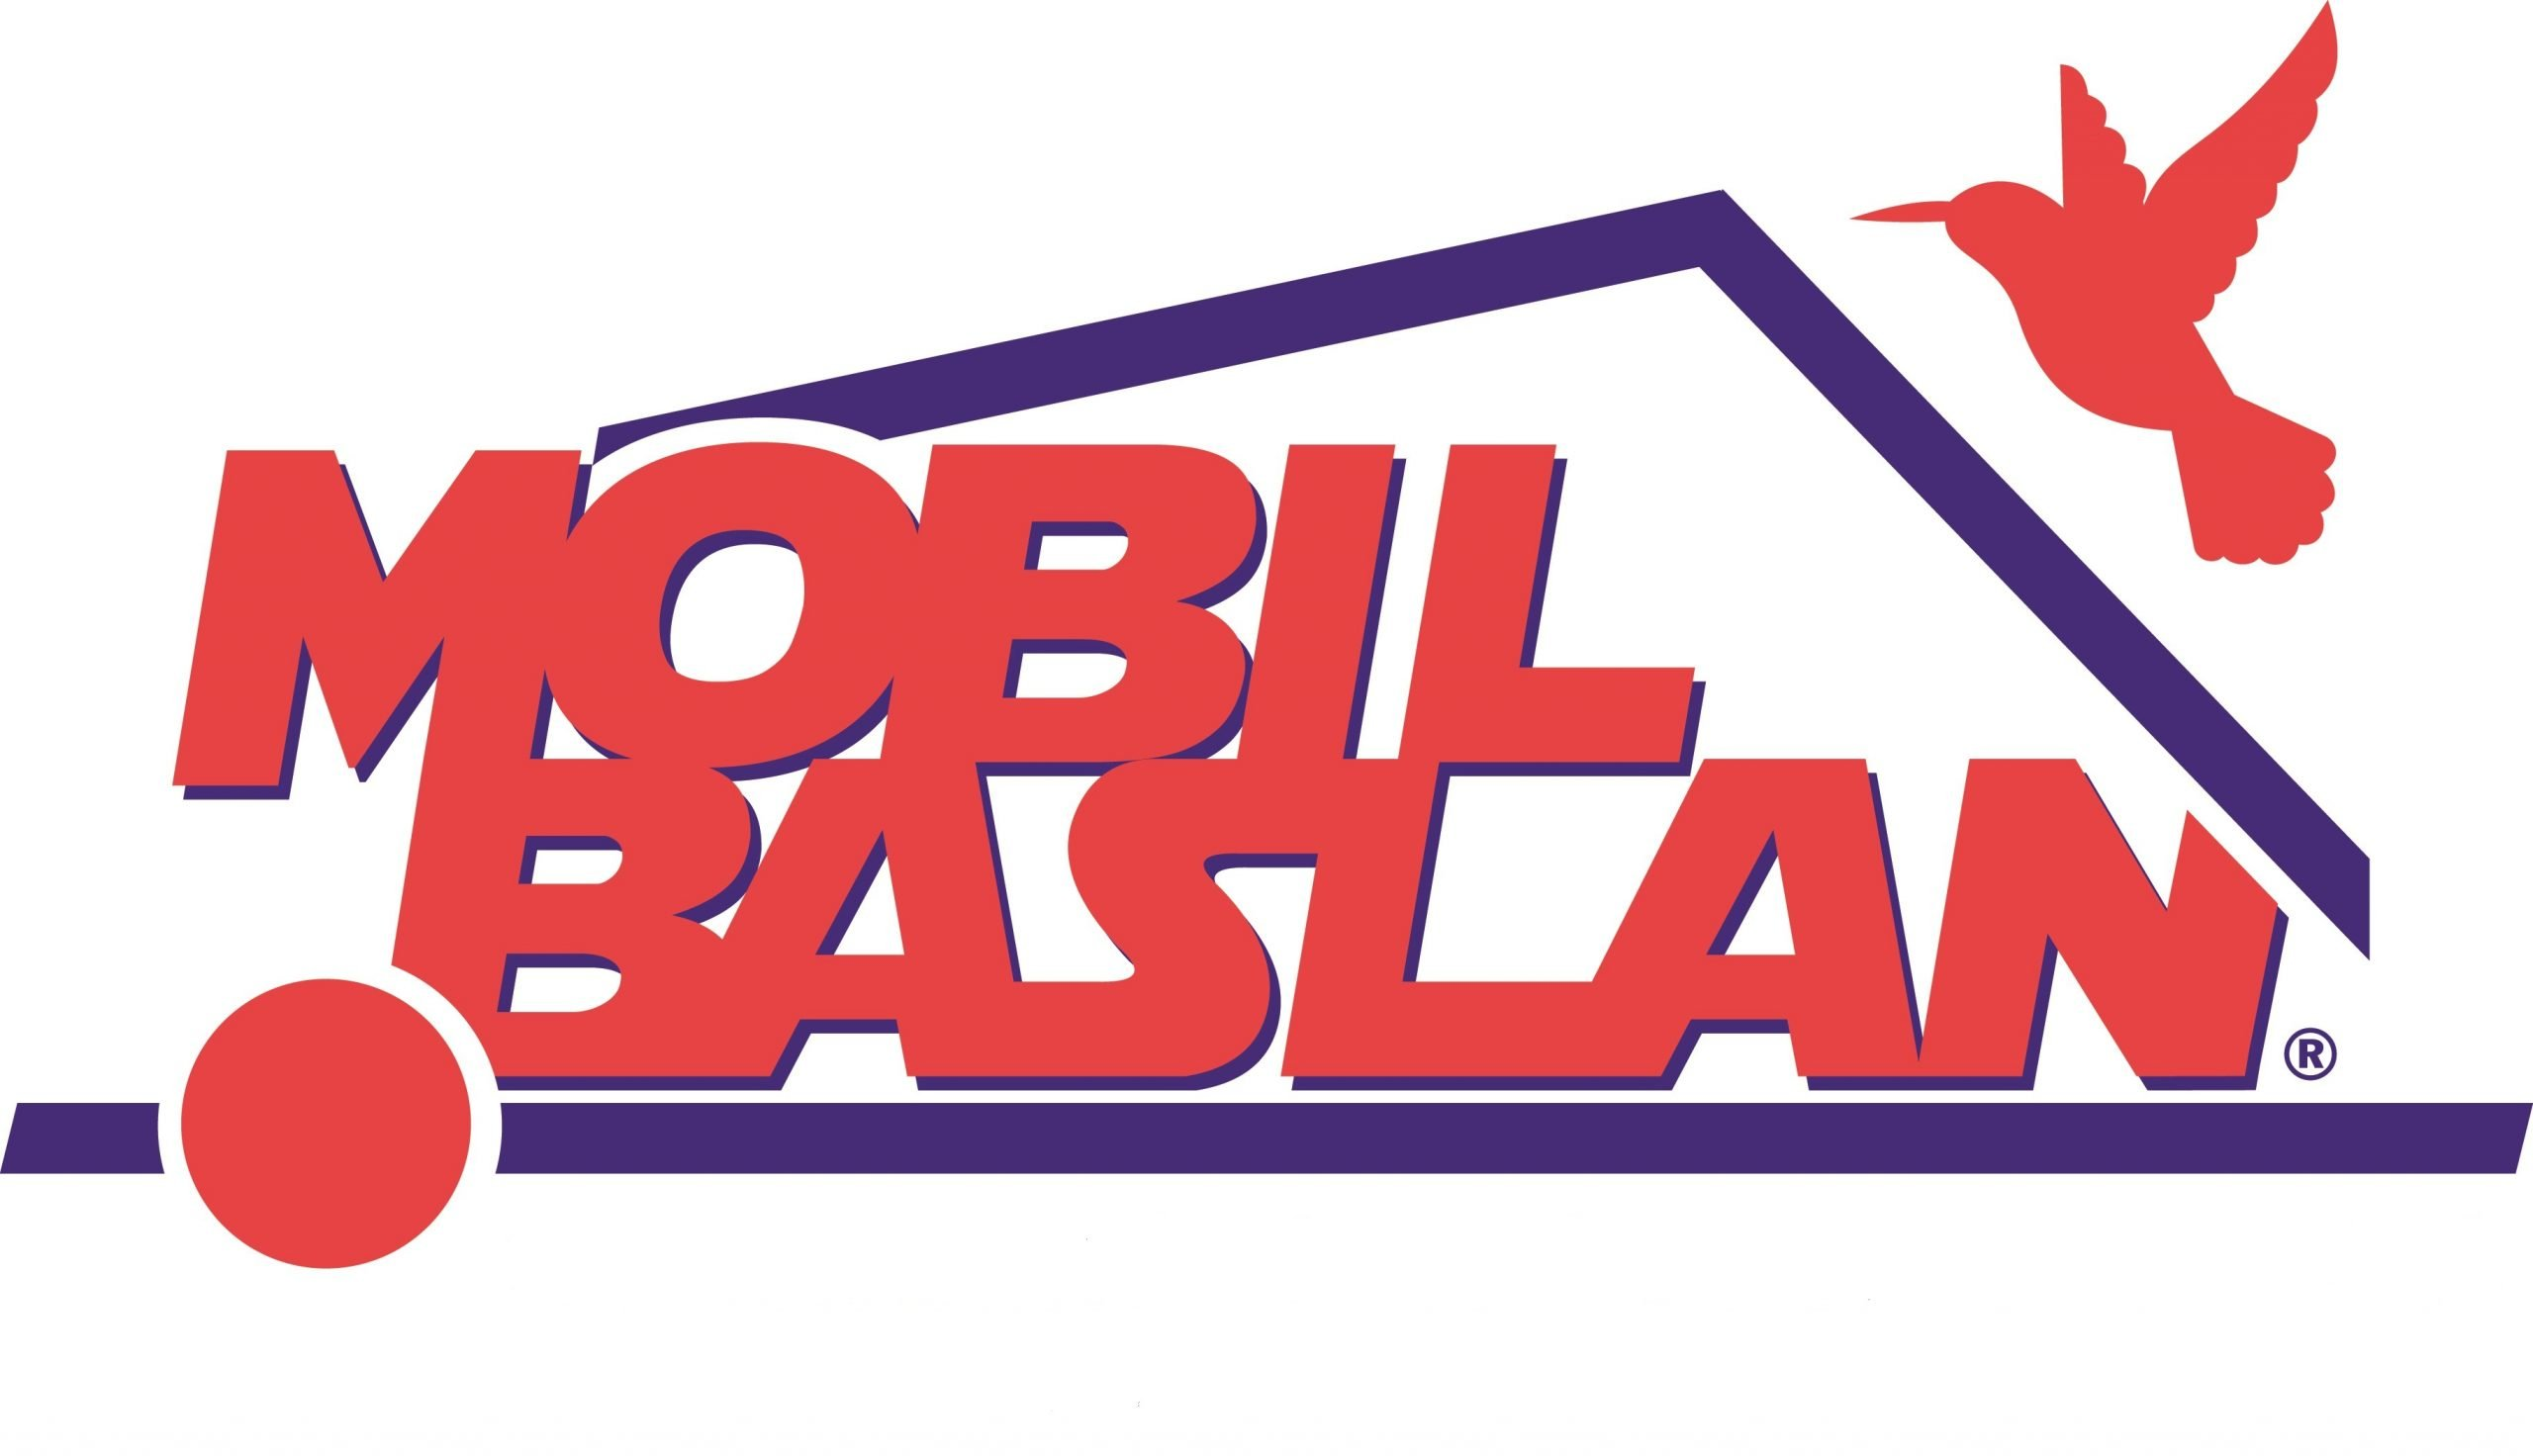 mobil BASLAN - mobil home CANTABRIA